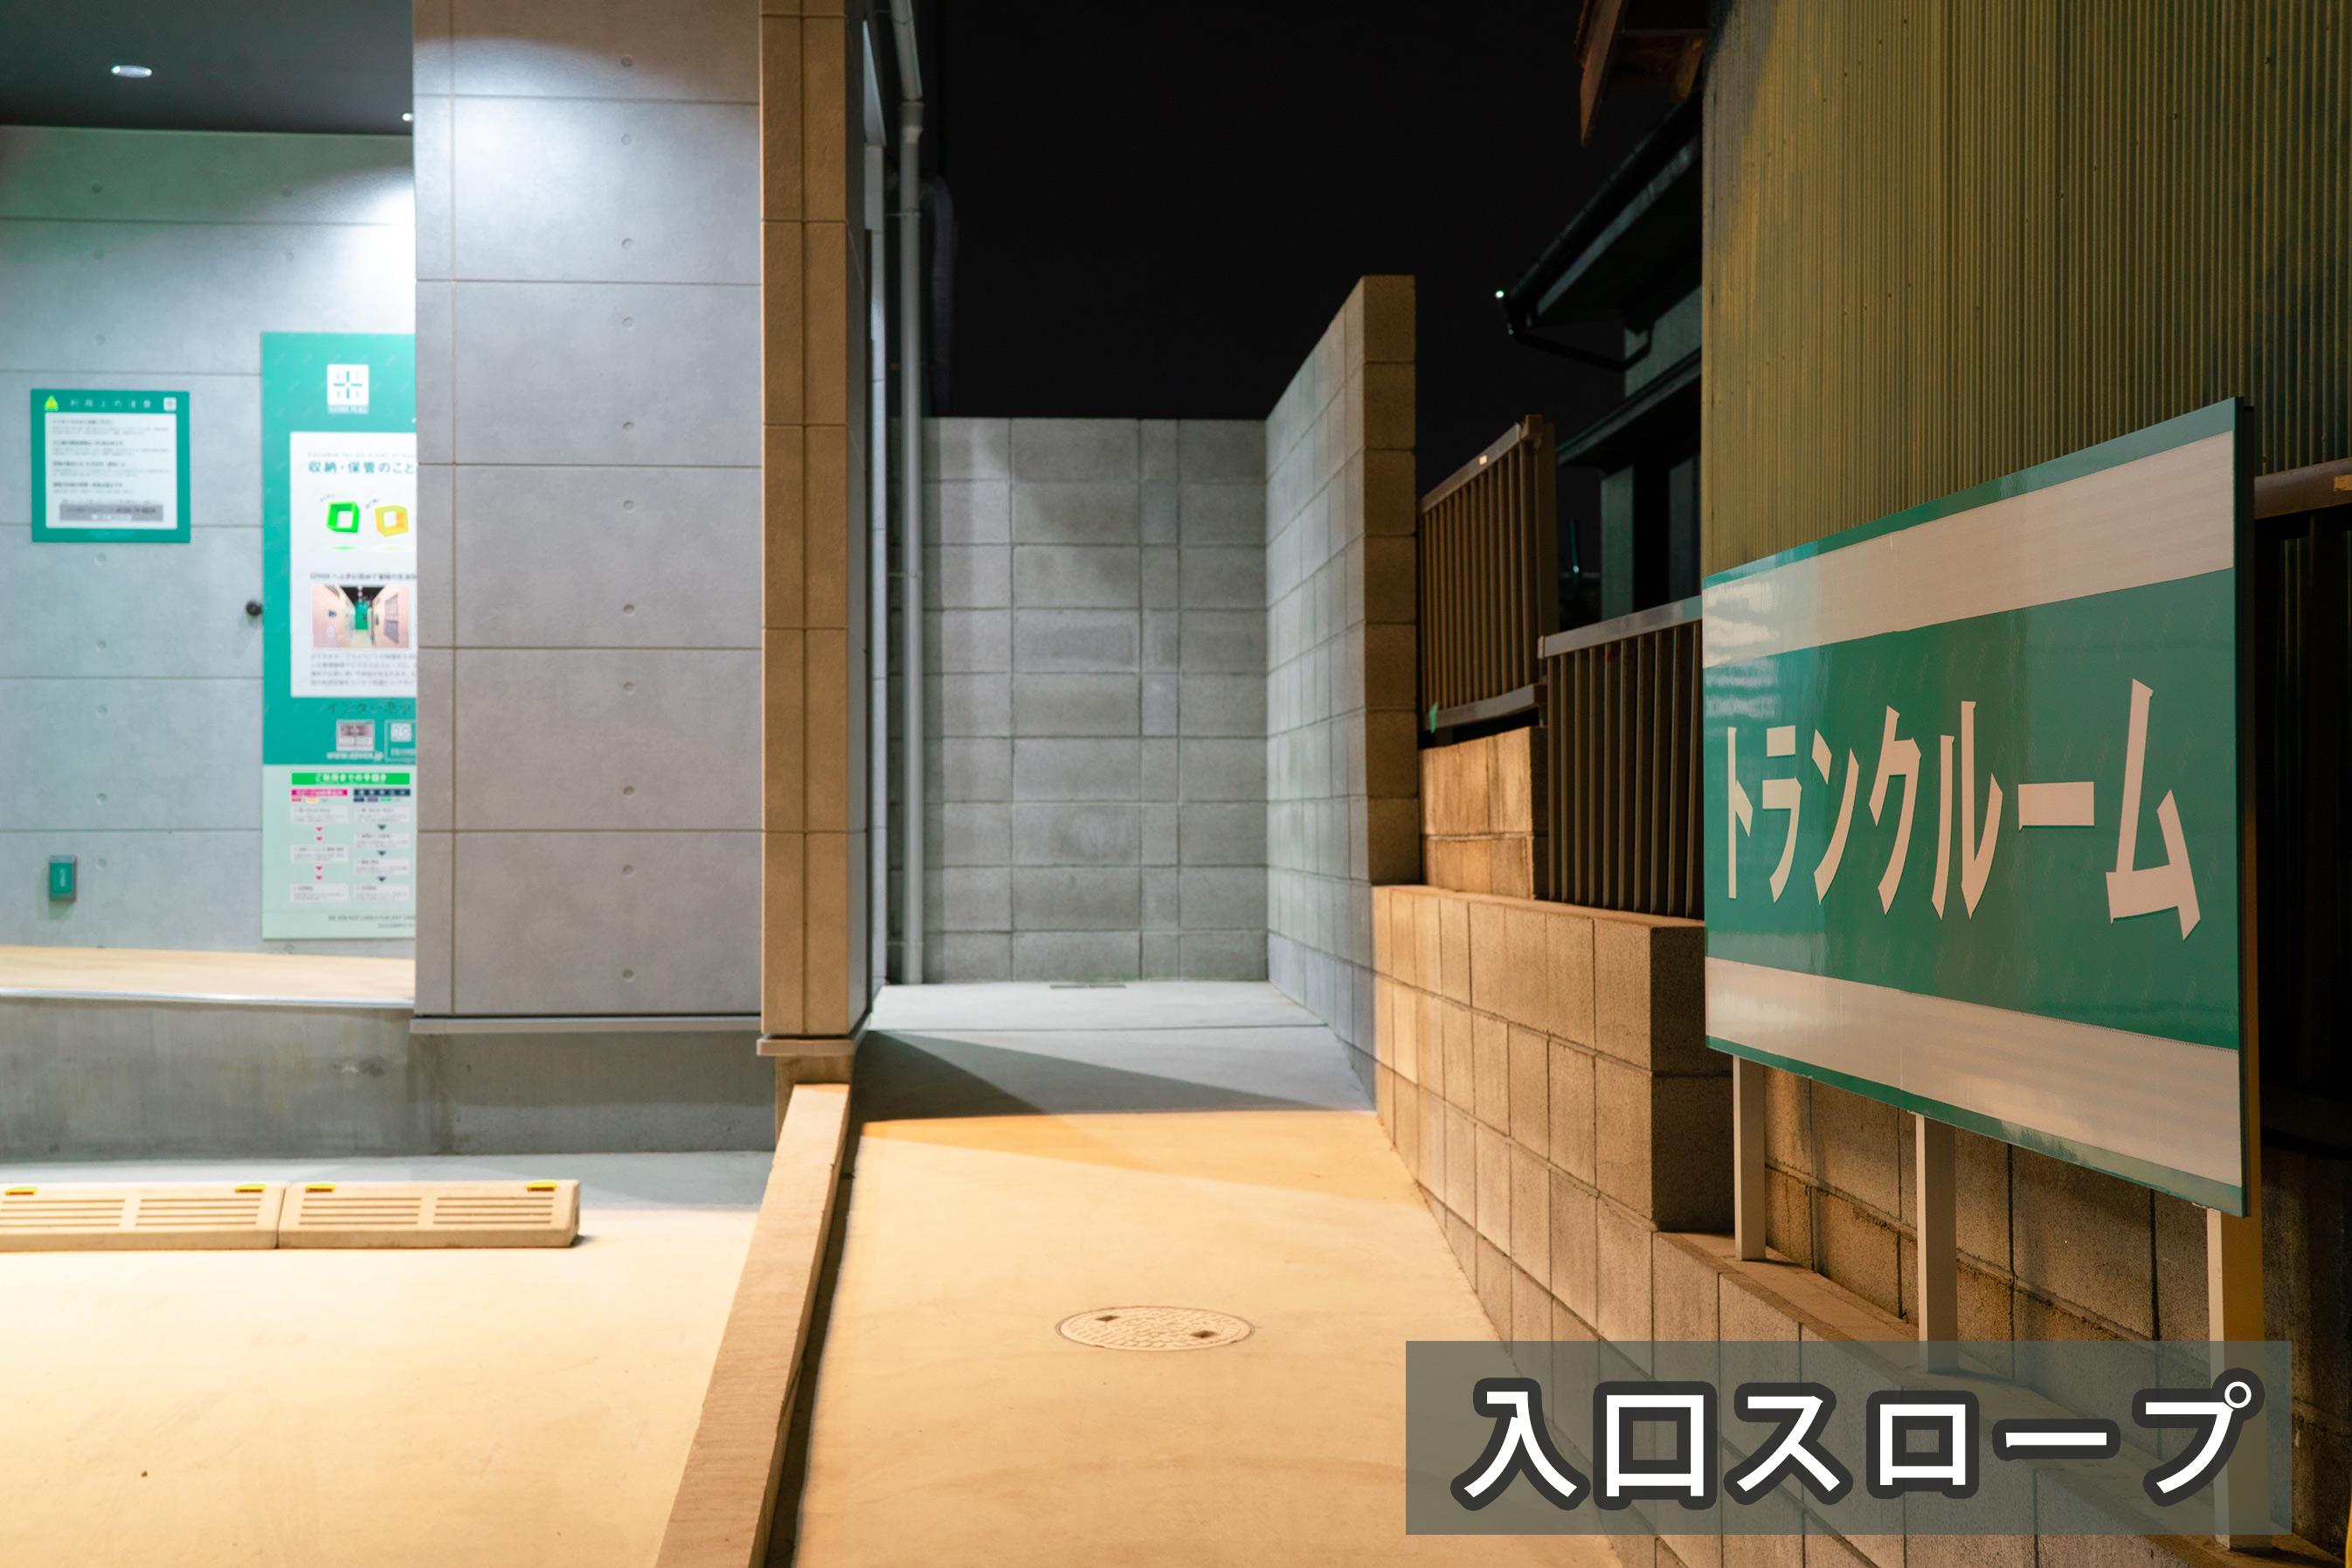 """千葉 宮野木スイート店 """" 賃料20%OFF & 最大3ヵ月 50% OFF!""""キャンペーン中!"""